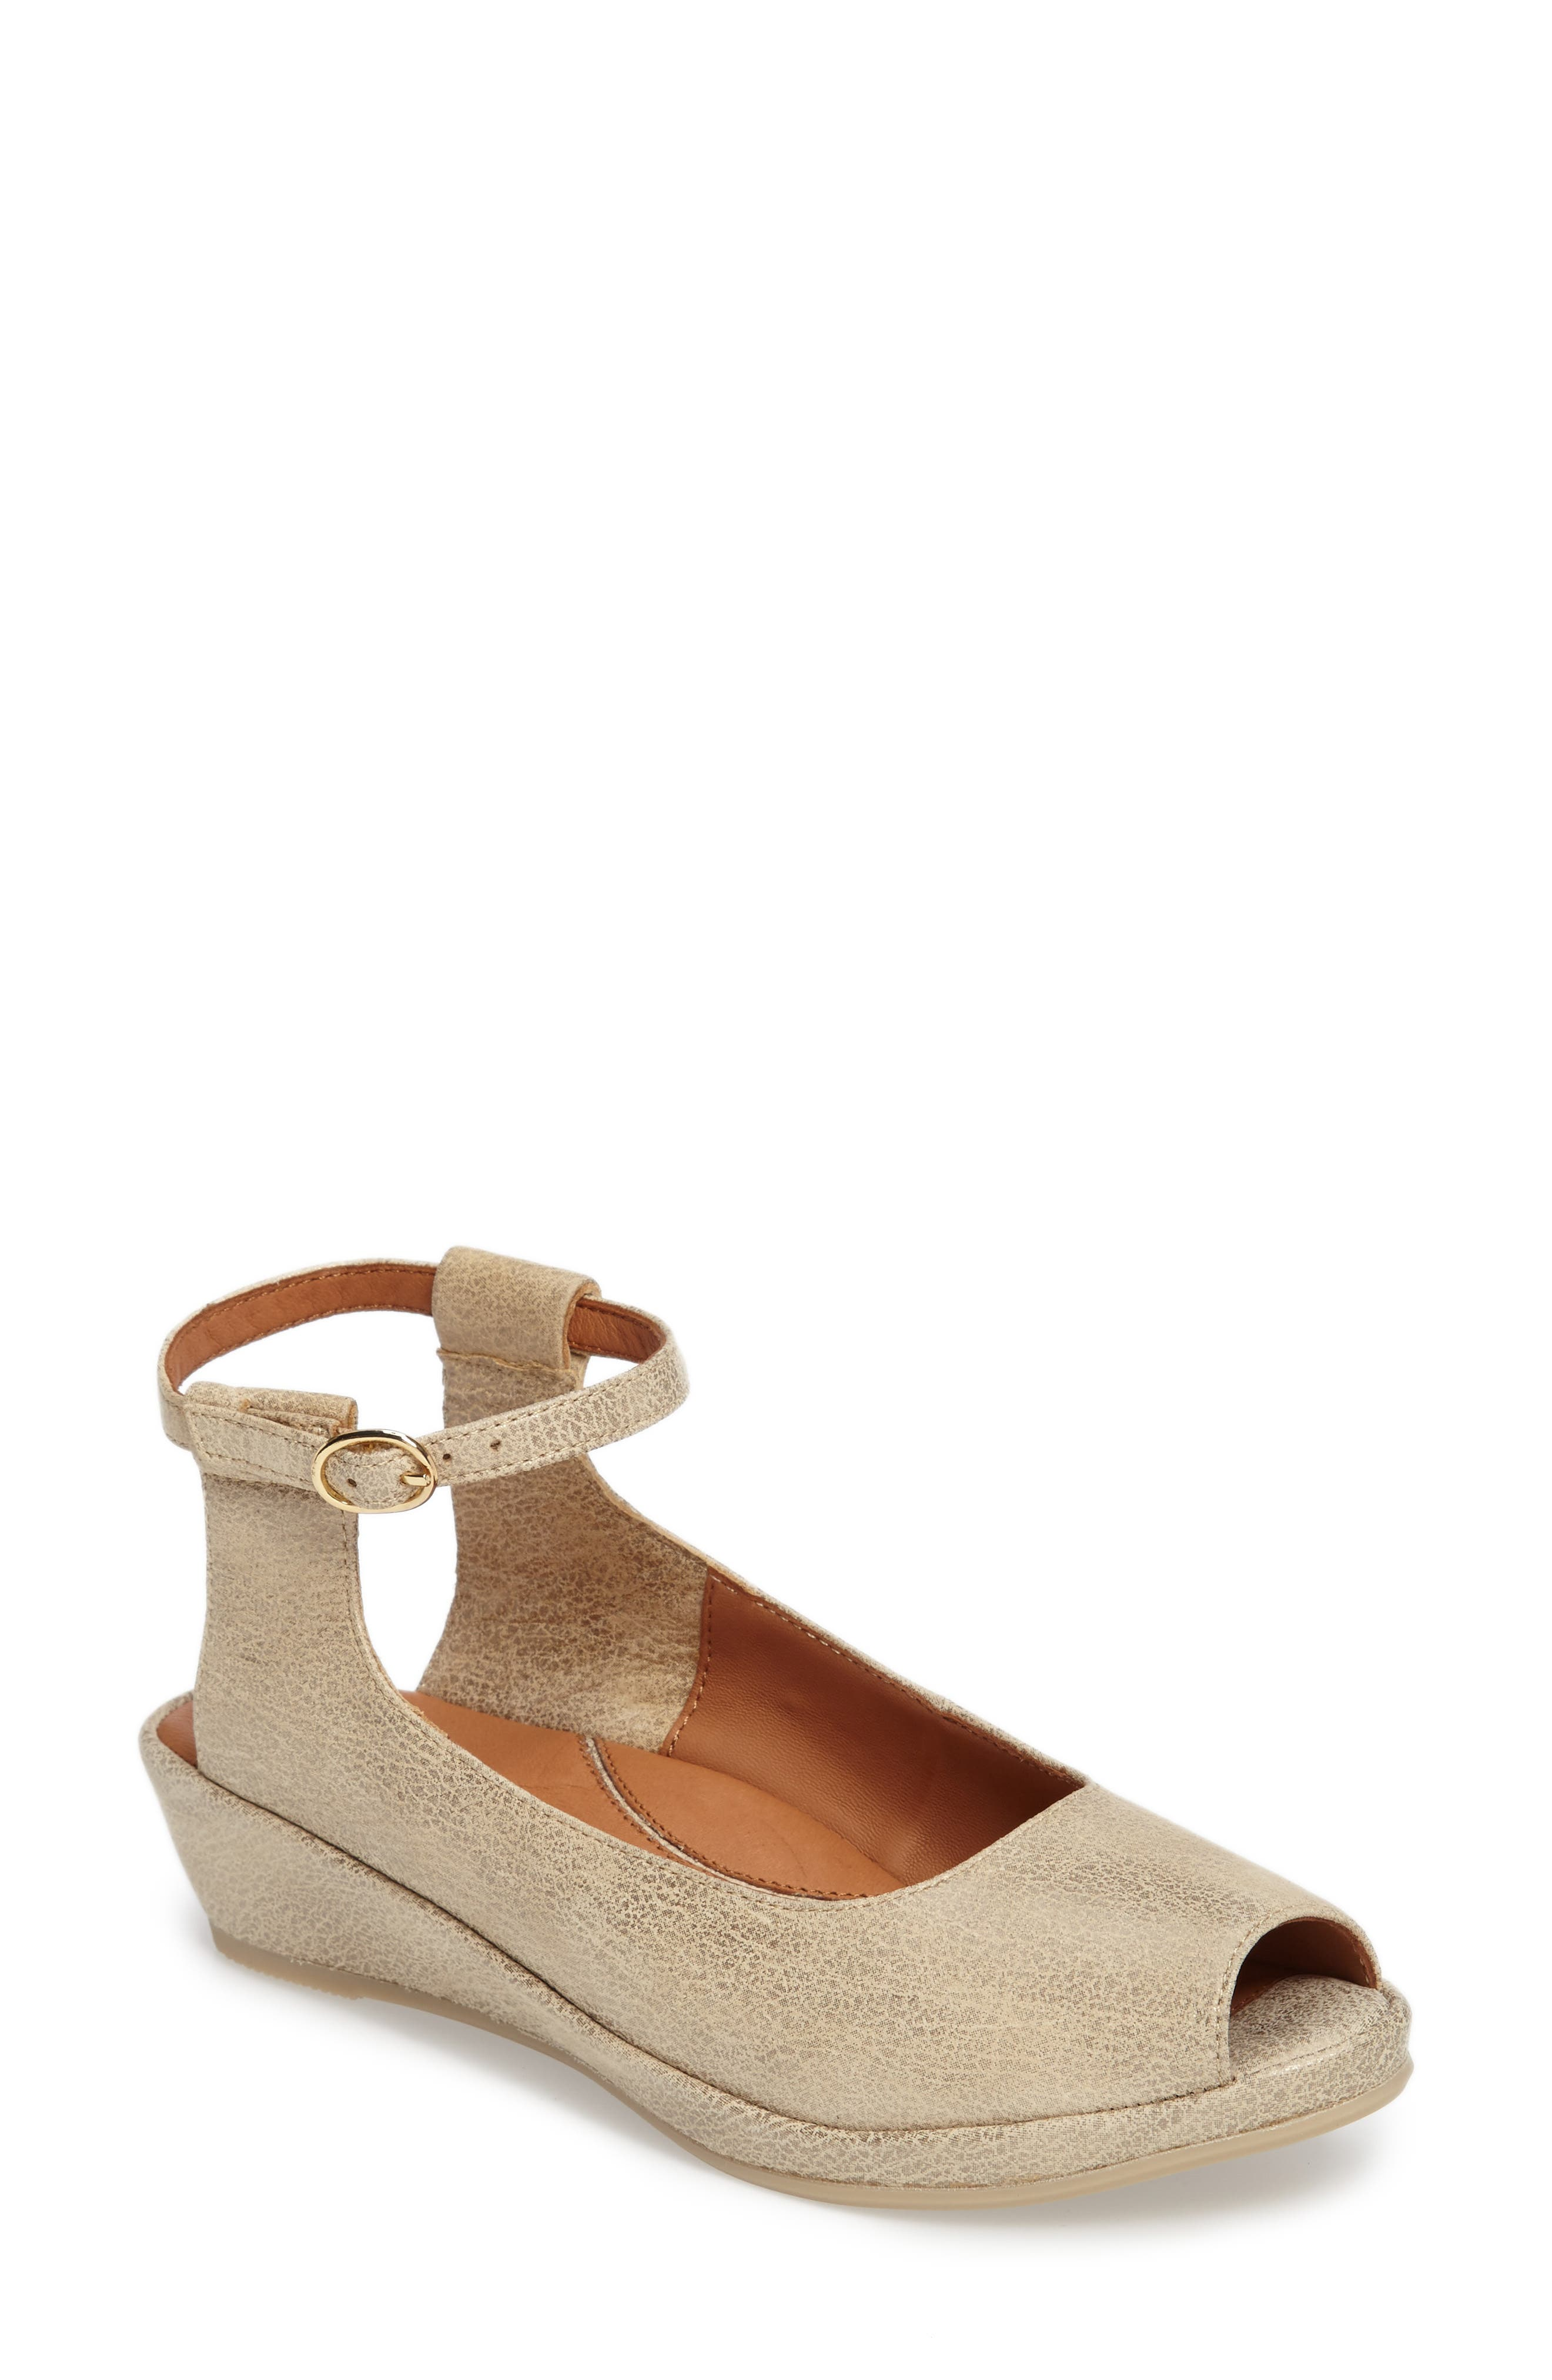 Main Image - L'Amour des Pieds Burgogne Ankle Strap Flat (Women)